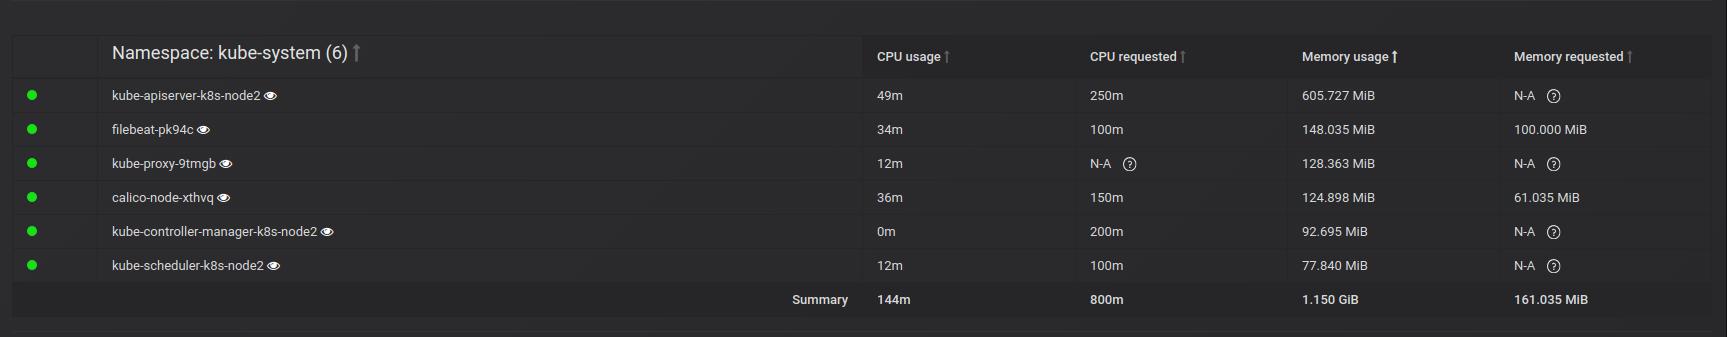 Плагин для мониторинга K8s-приложений DevOpsProdigy KubeGraf v1.3.0: новый релиз и новые фичи - 1